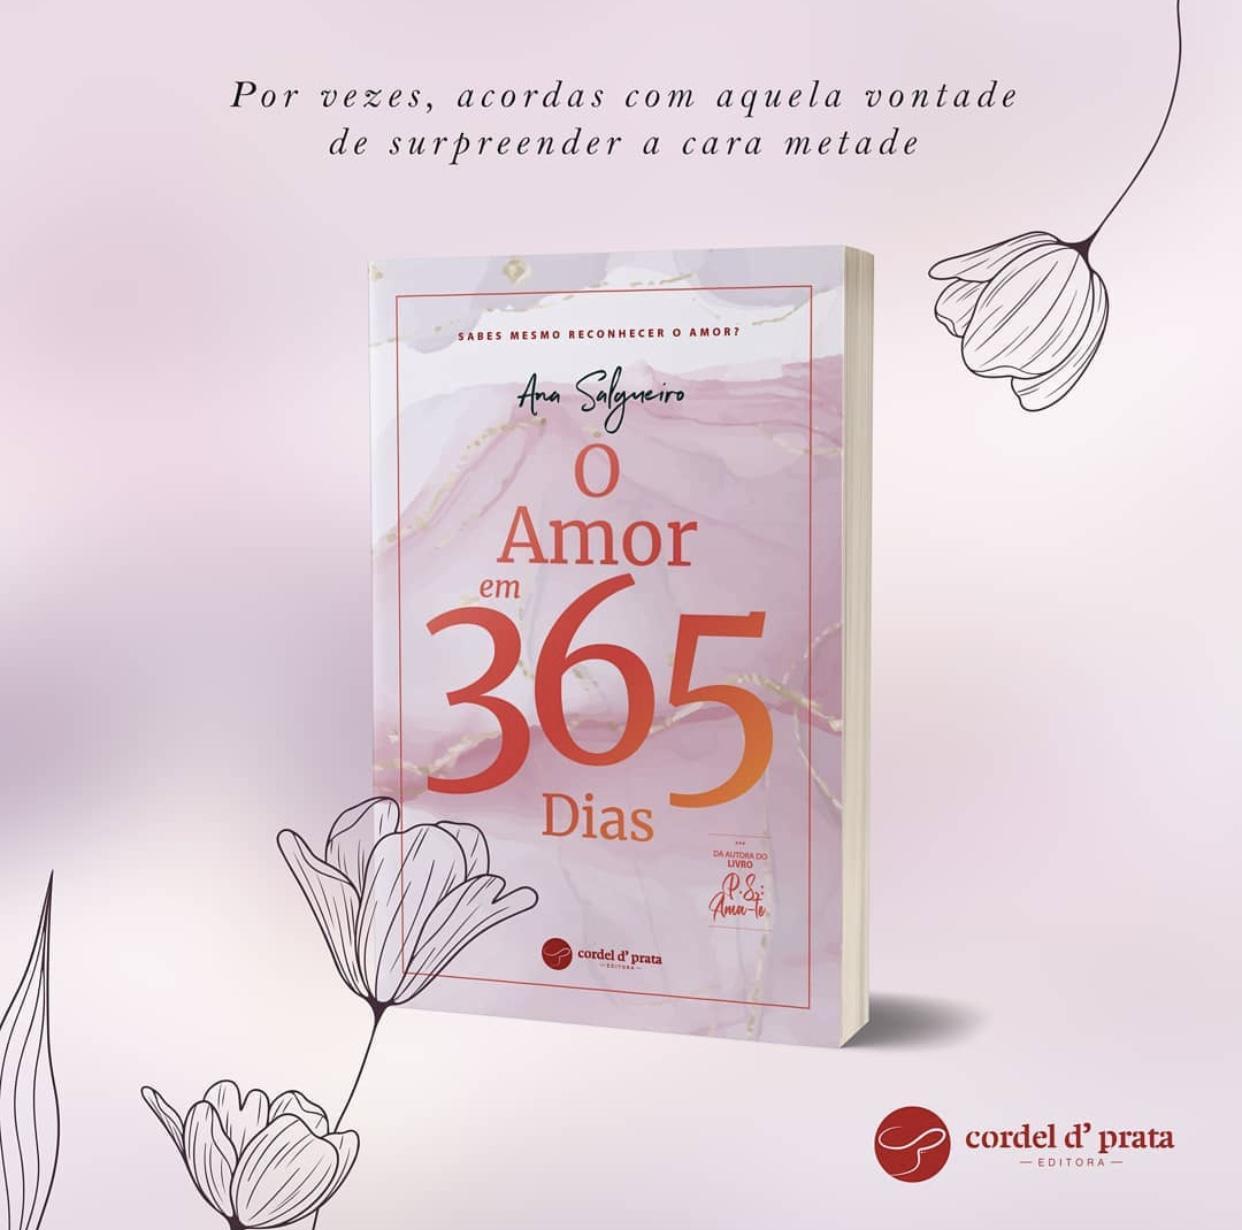 o Amor em 365 Dias de Ana Salgueiro